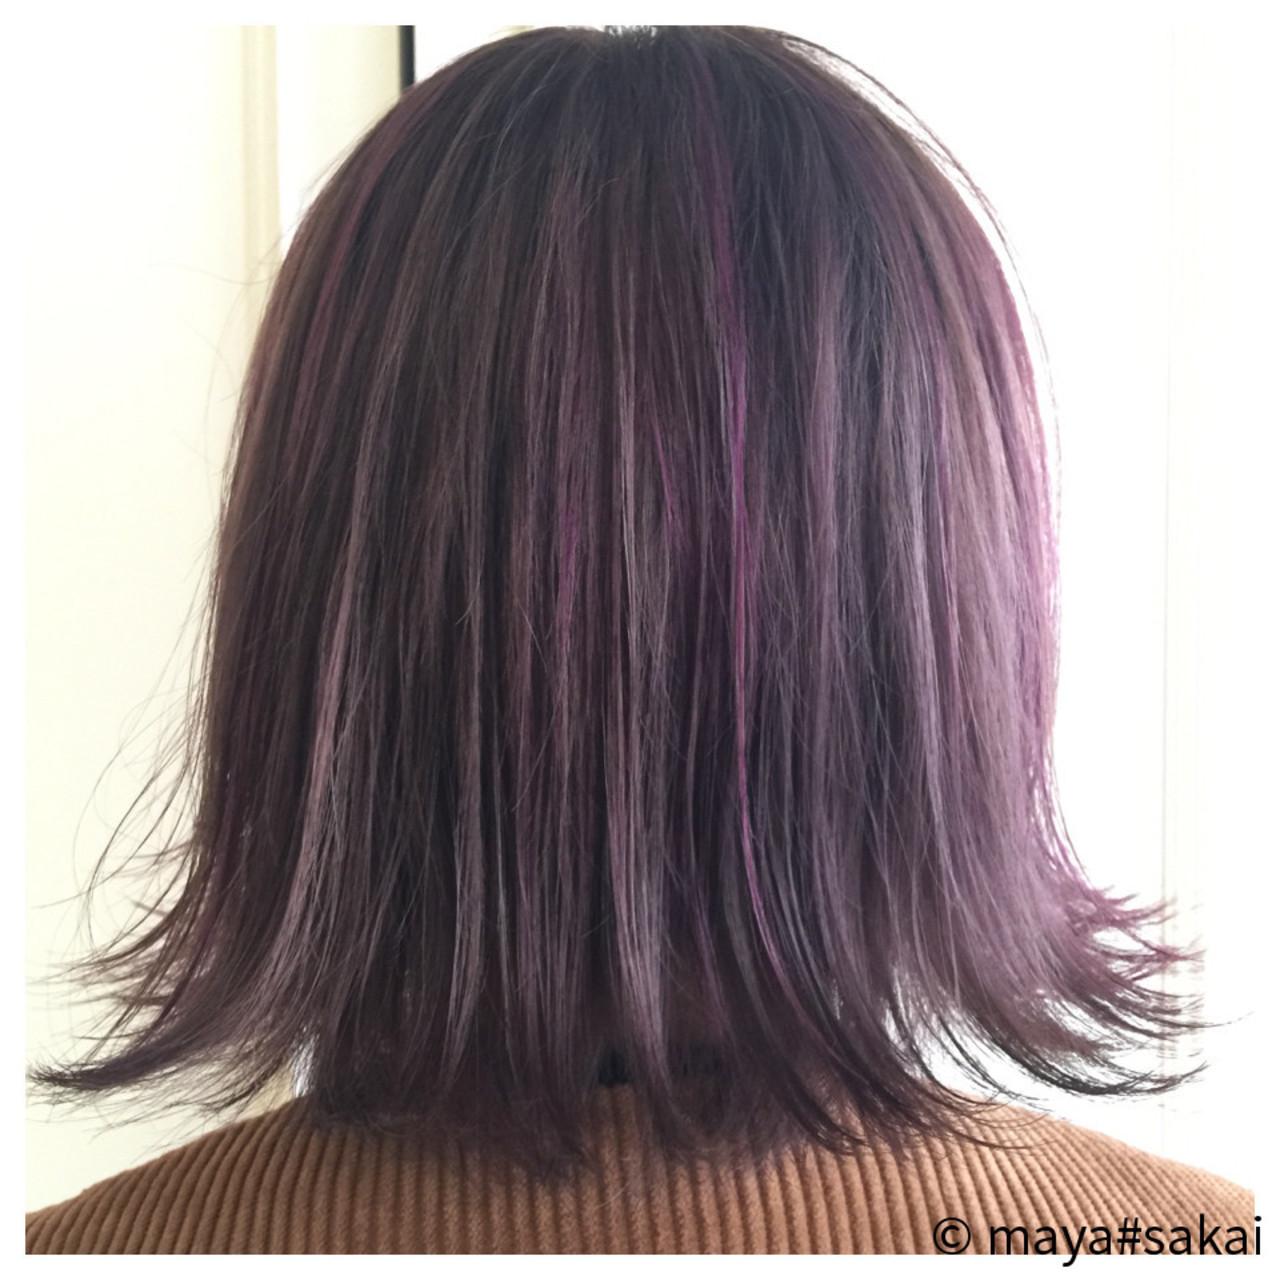 ラベンダーアッシュなあなたの髪色を旬に♪うっとり色落ちを楽しもう maya#sakai / R.rover by H